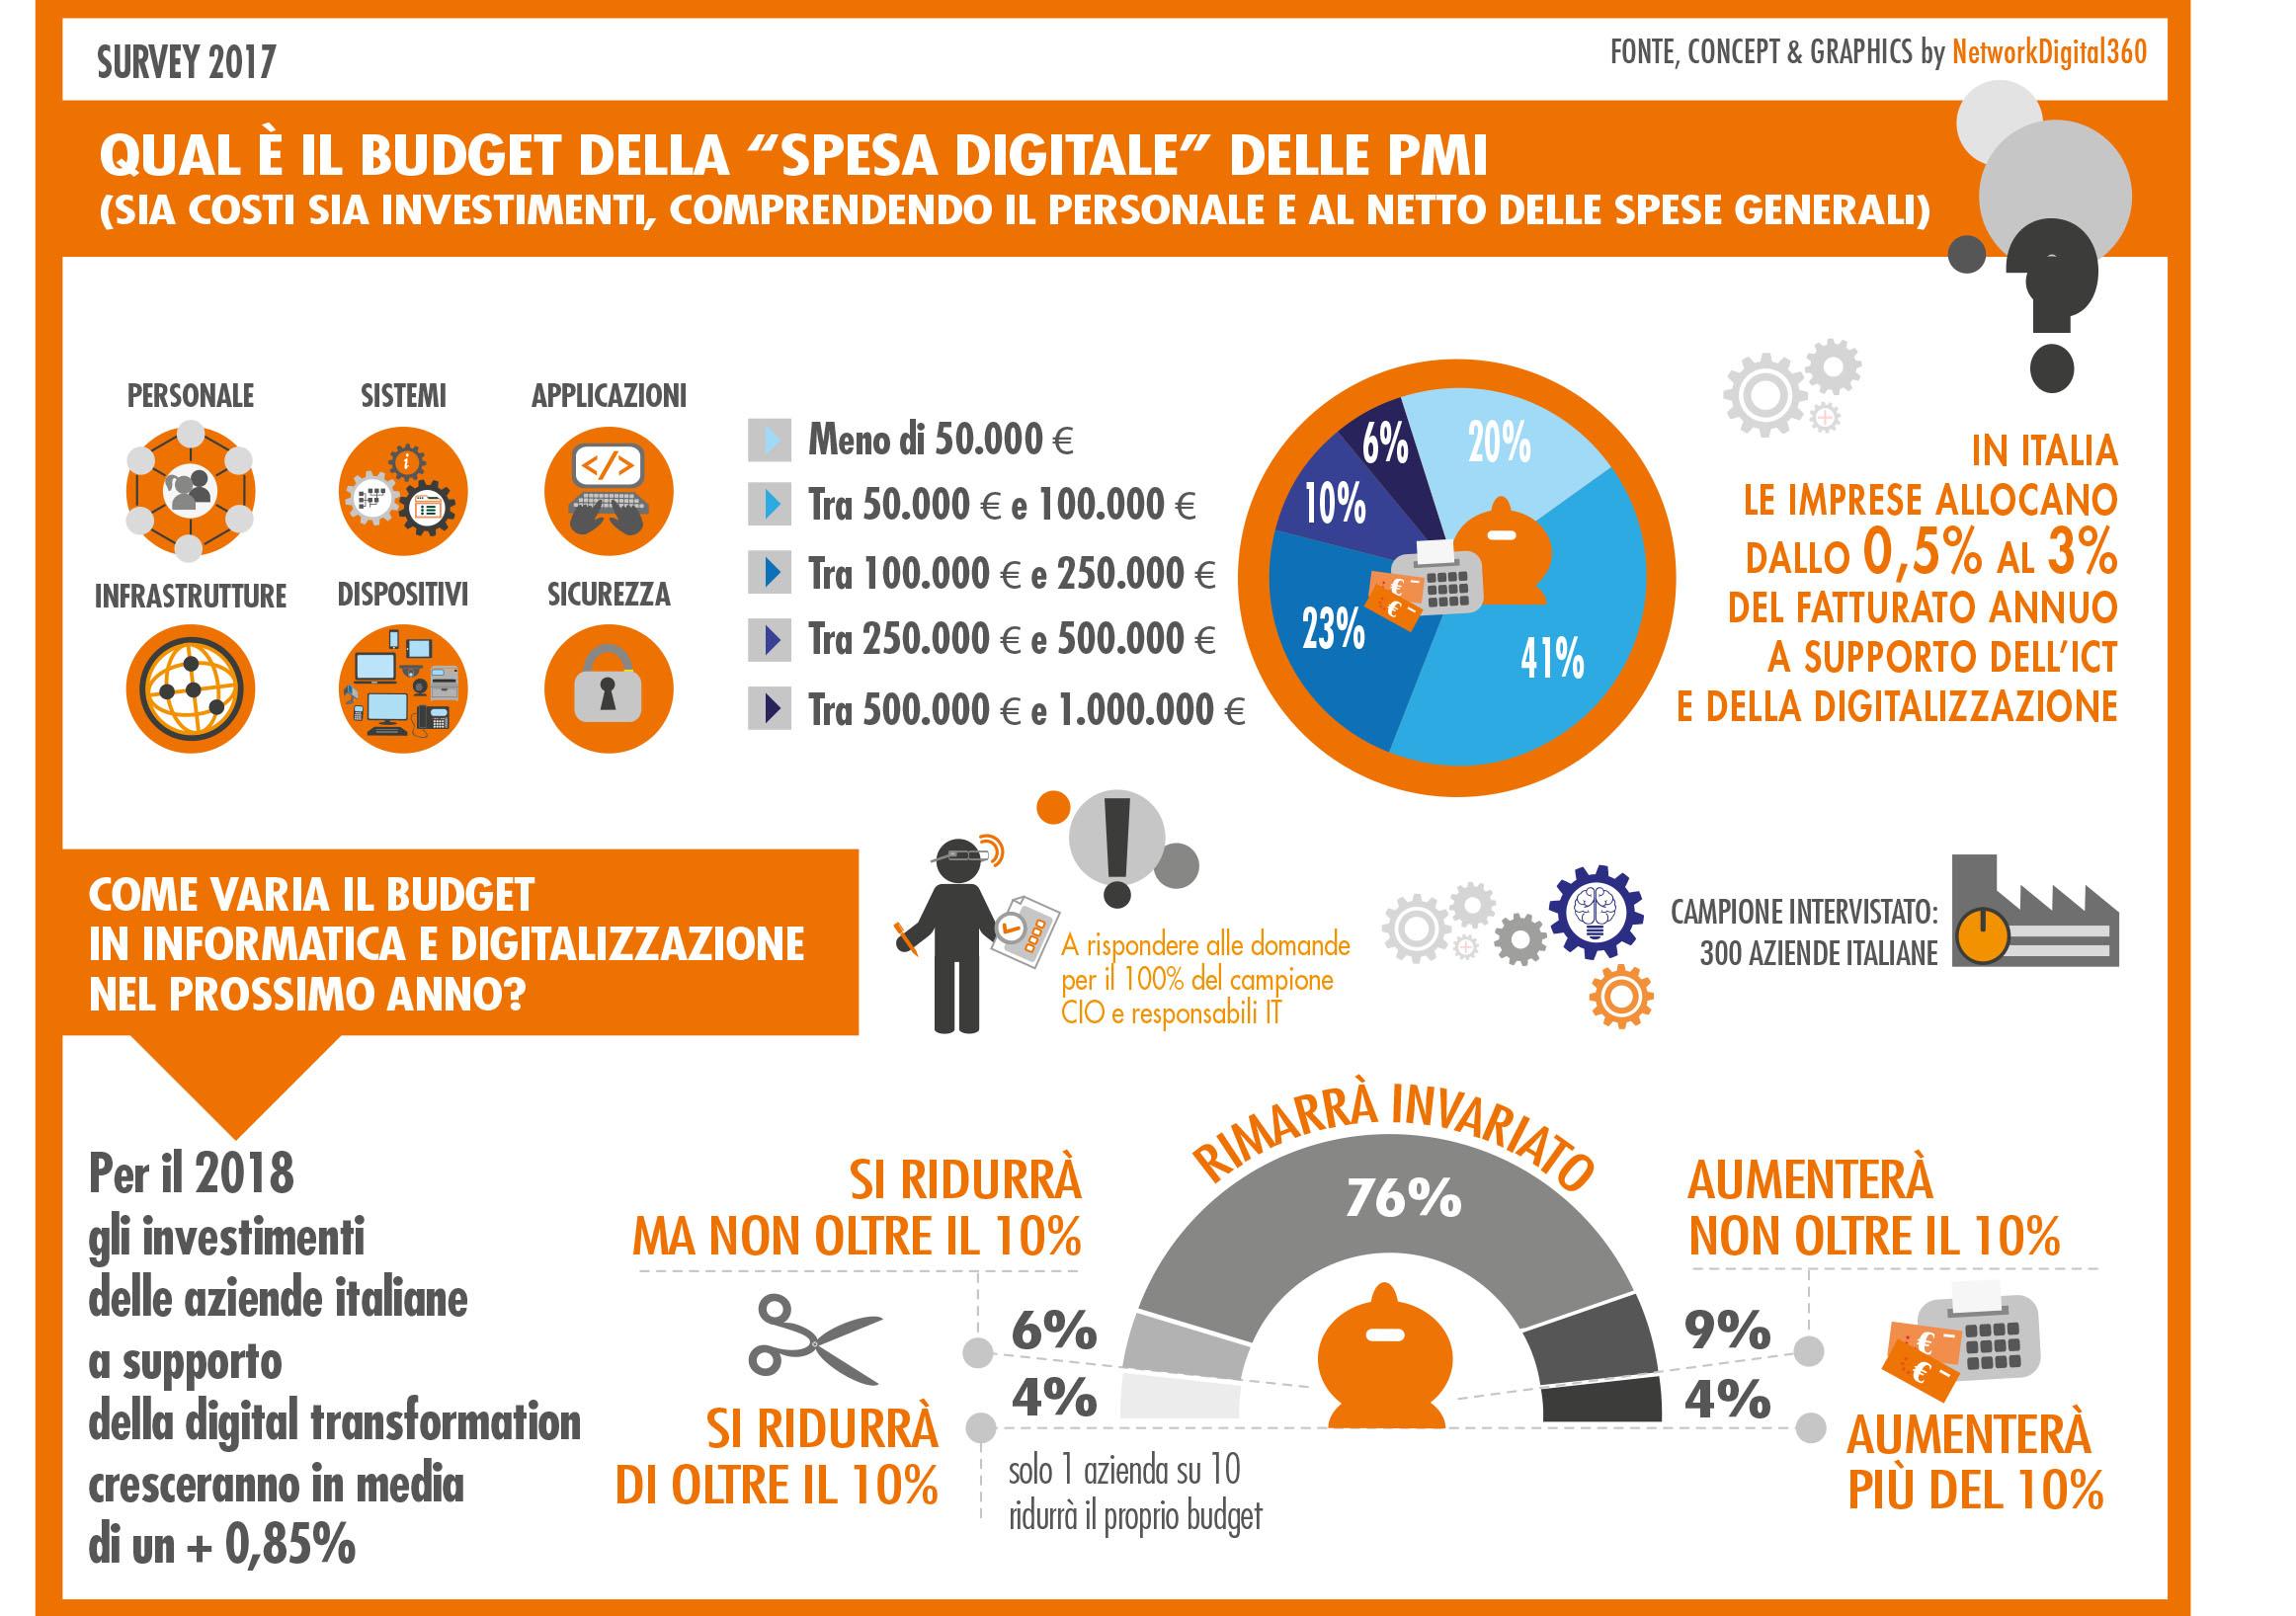 Budget digitale delle PMI italiane